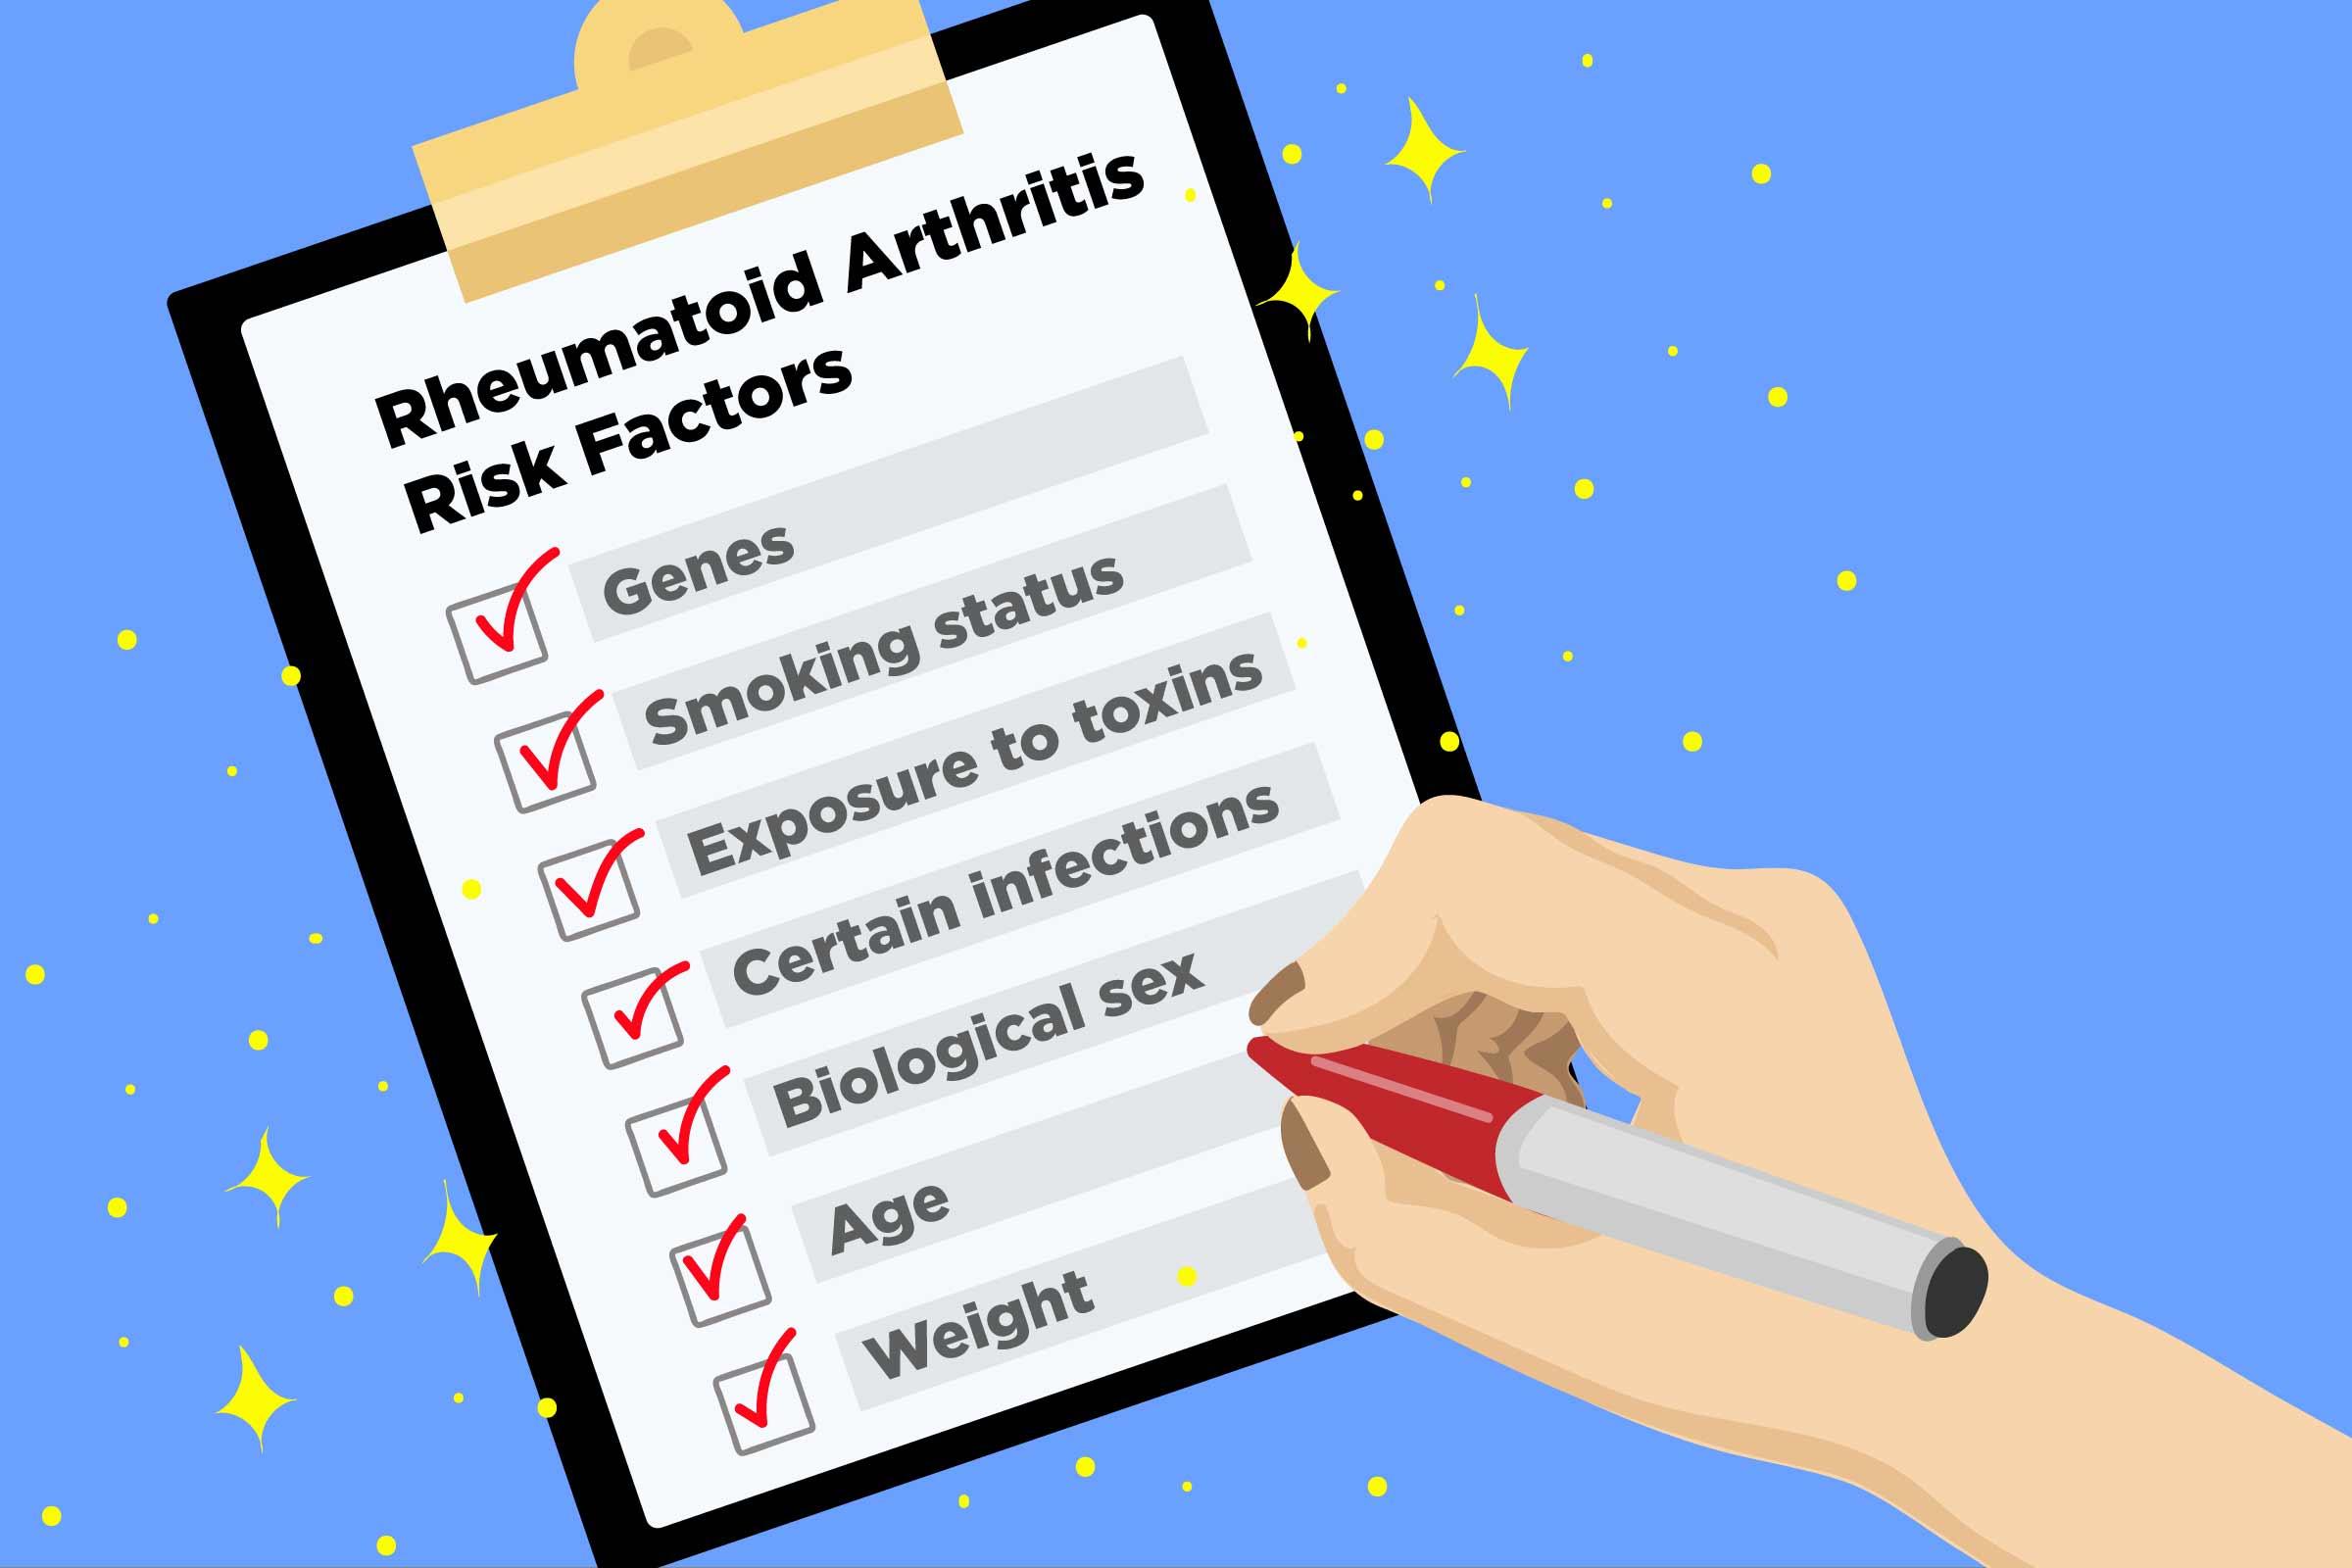 Rheumatoid Arthritis Risk Factors What Causes Rheumatoid Arthritis